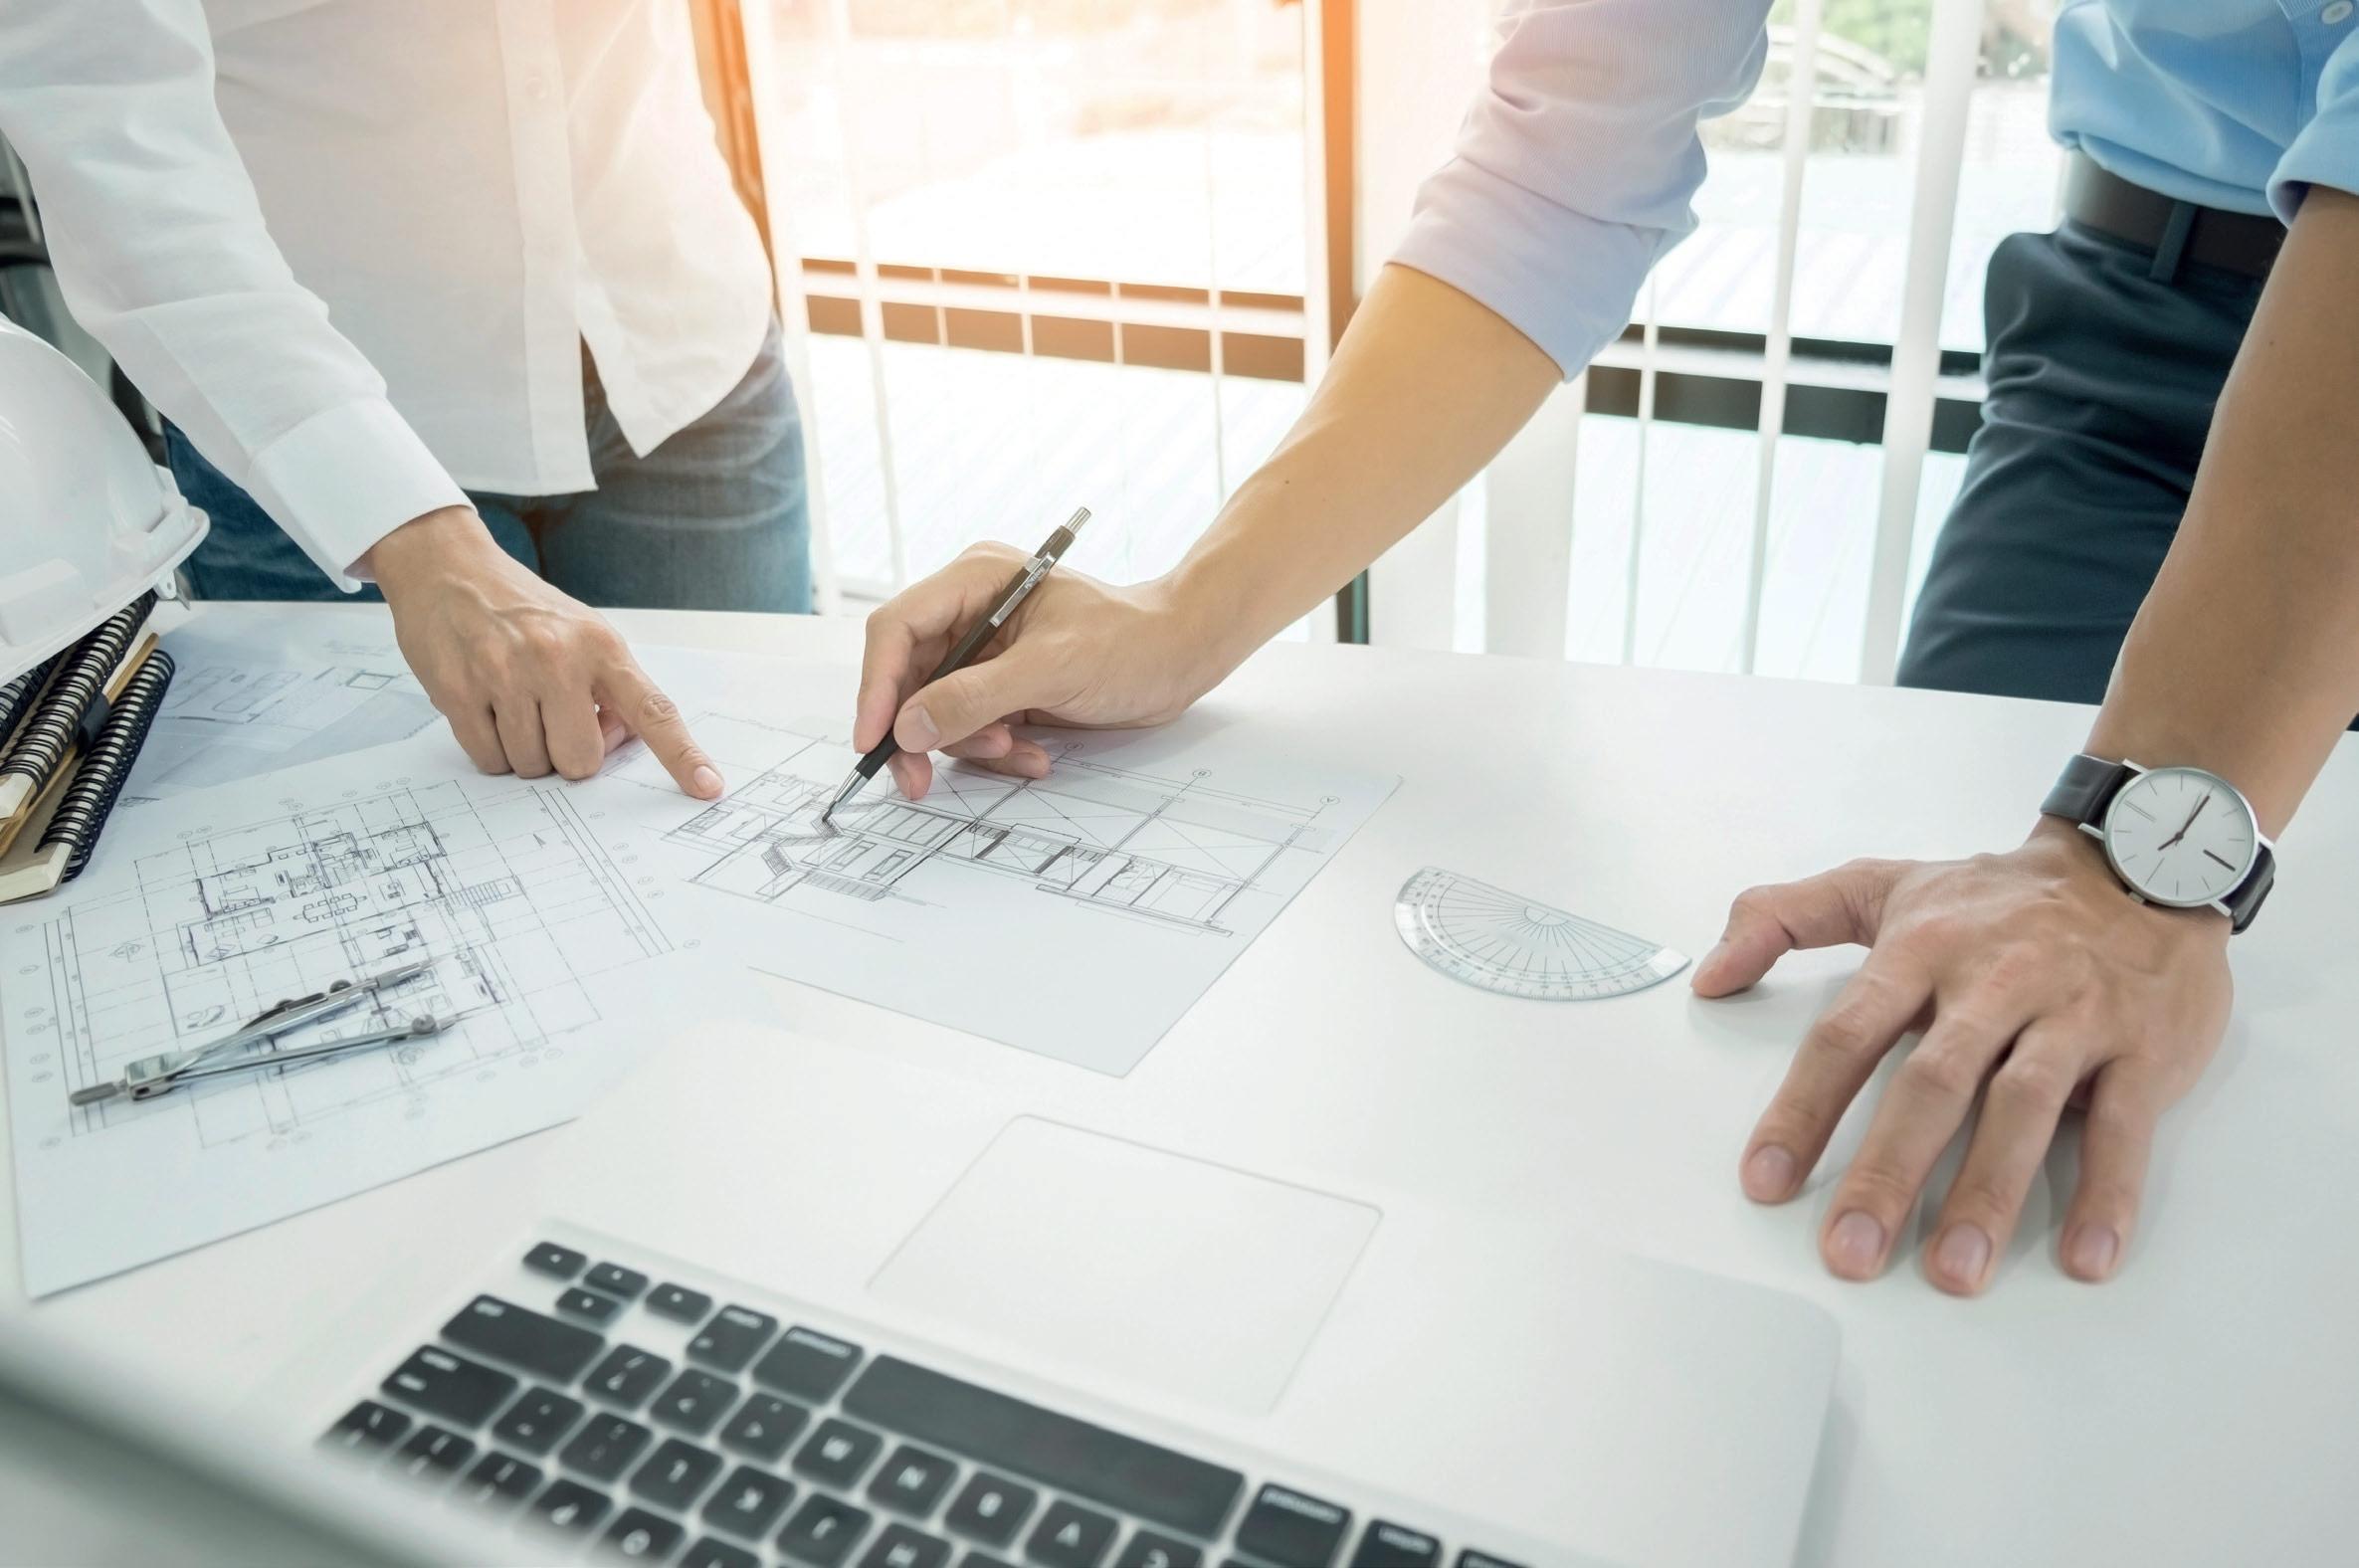 La transition numérique en chantier